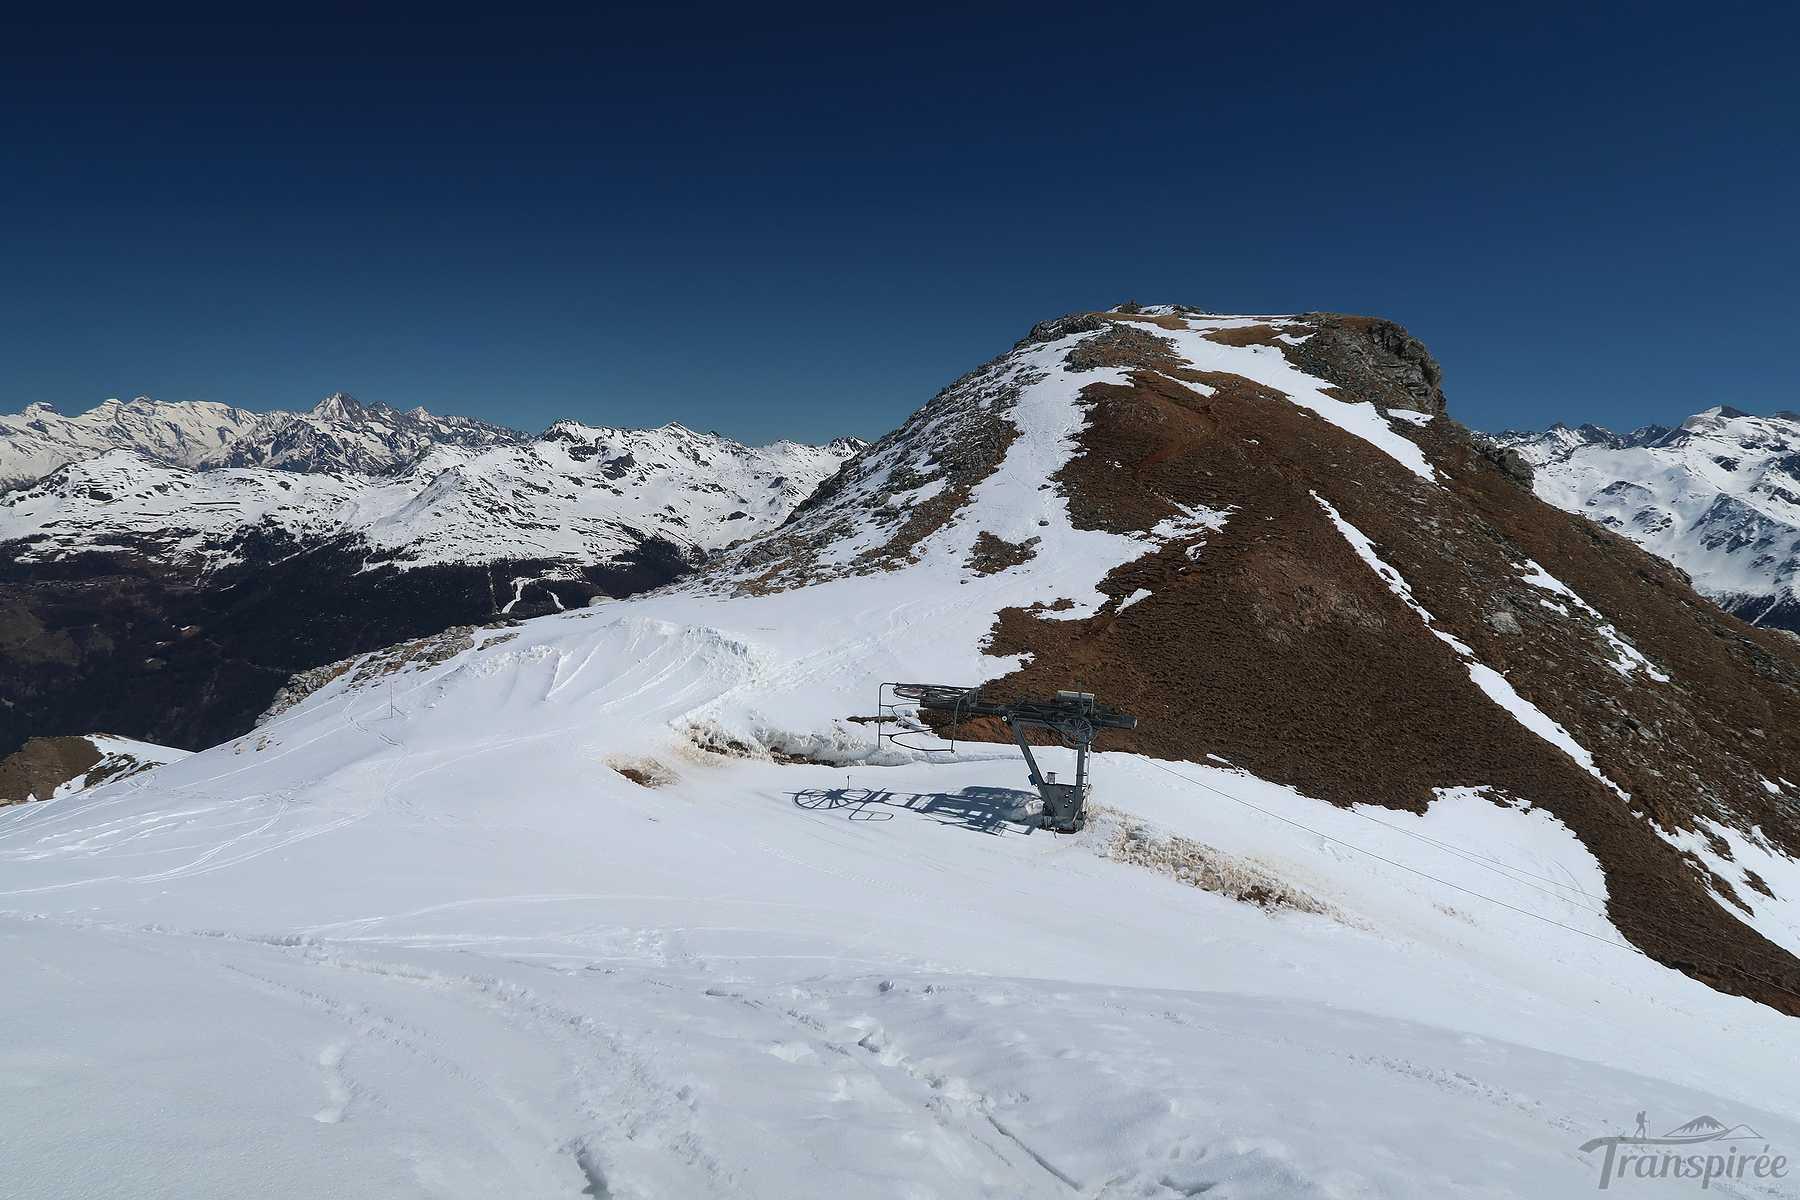 Ski de randonnée au Roc d'Orzival depuis Vercorin. Retour par les Evouettes